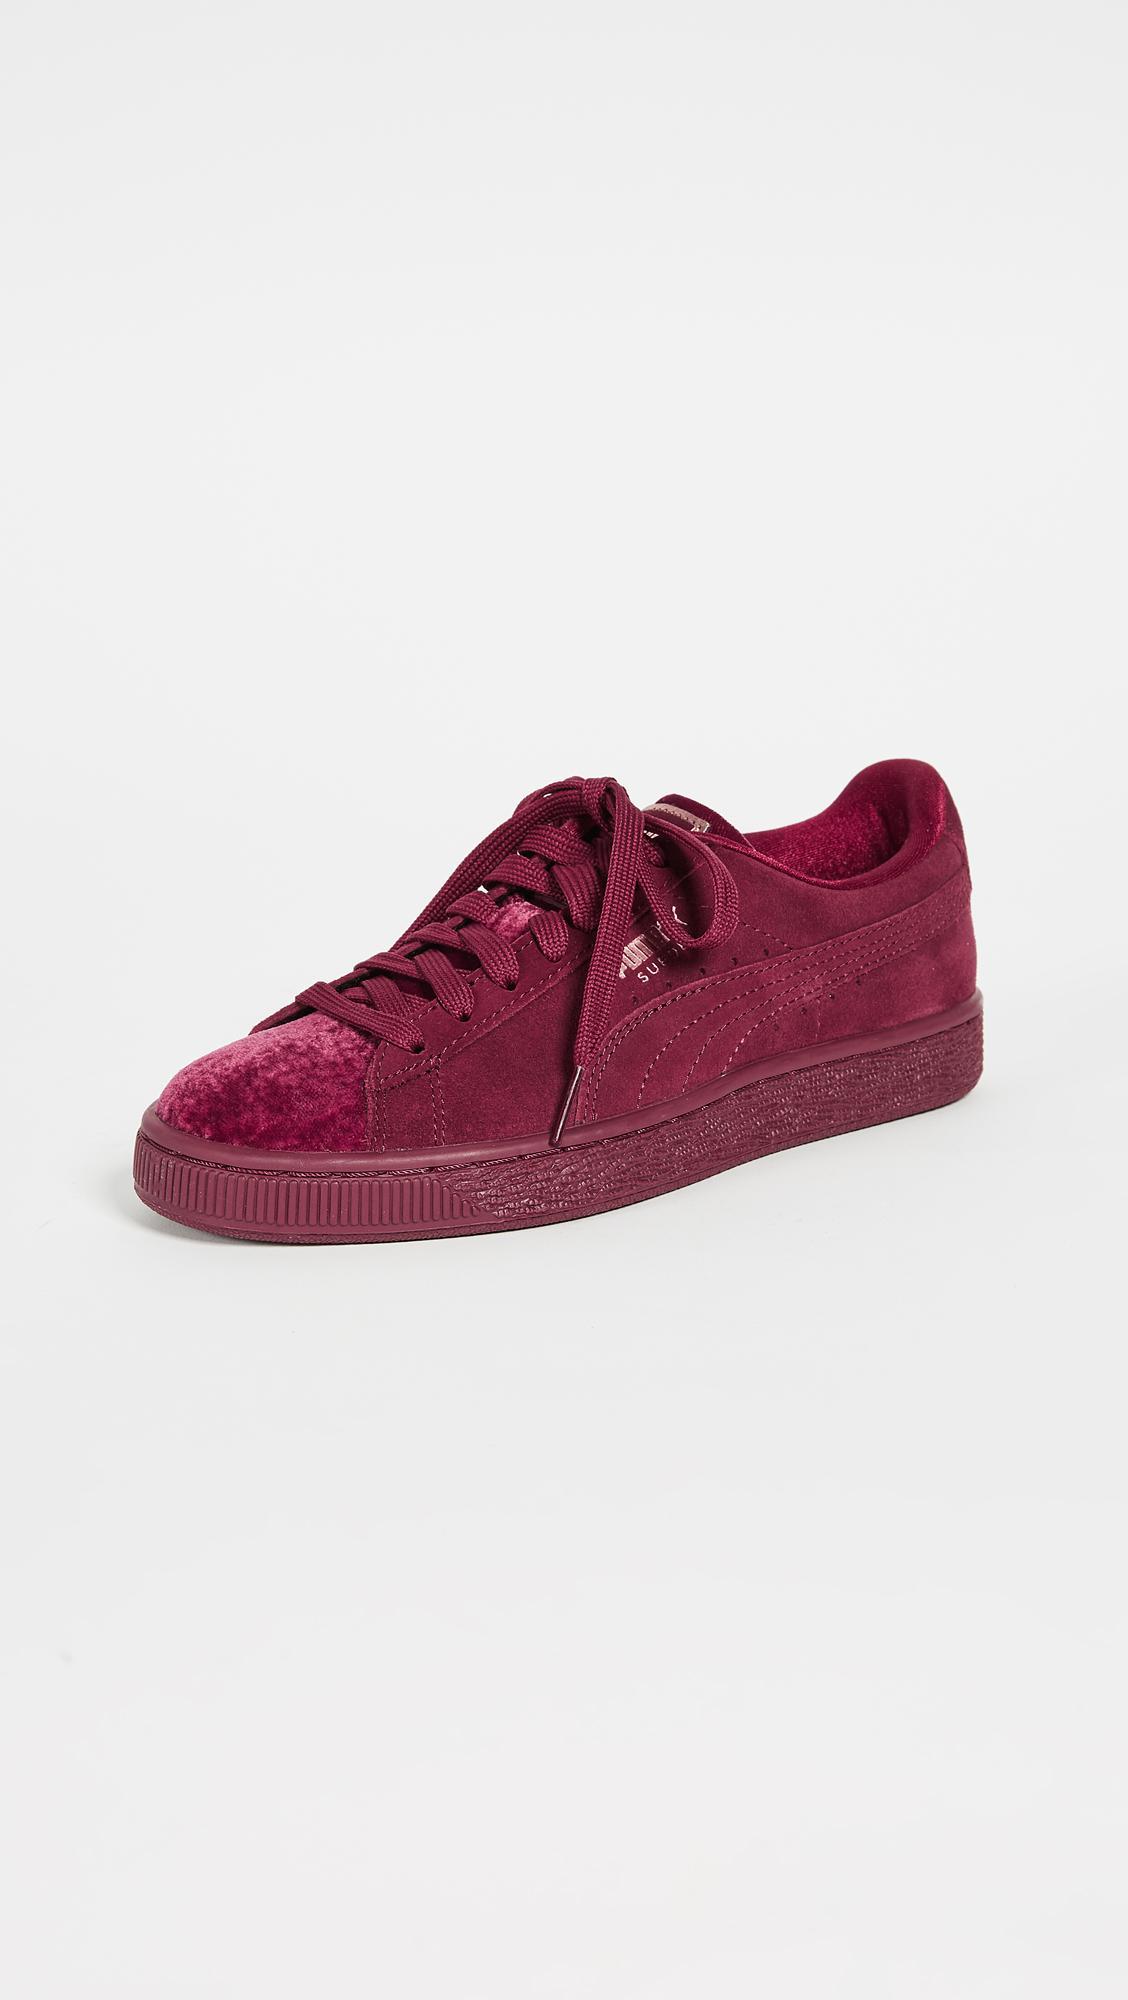 PUMA Suede Classic Velvet Sneakers in